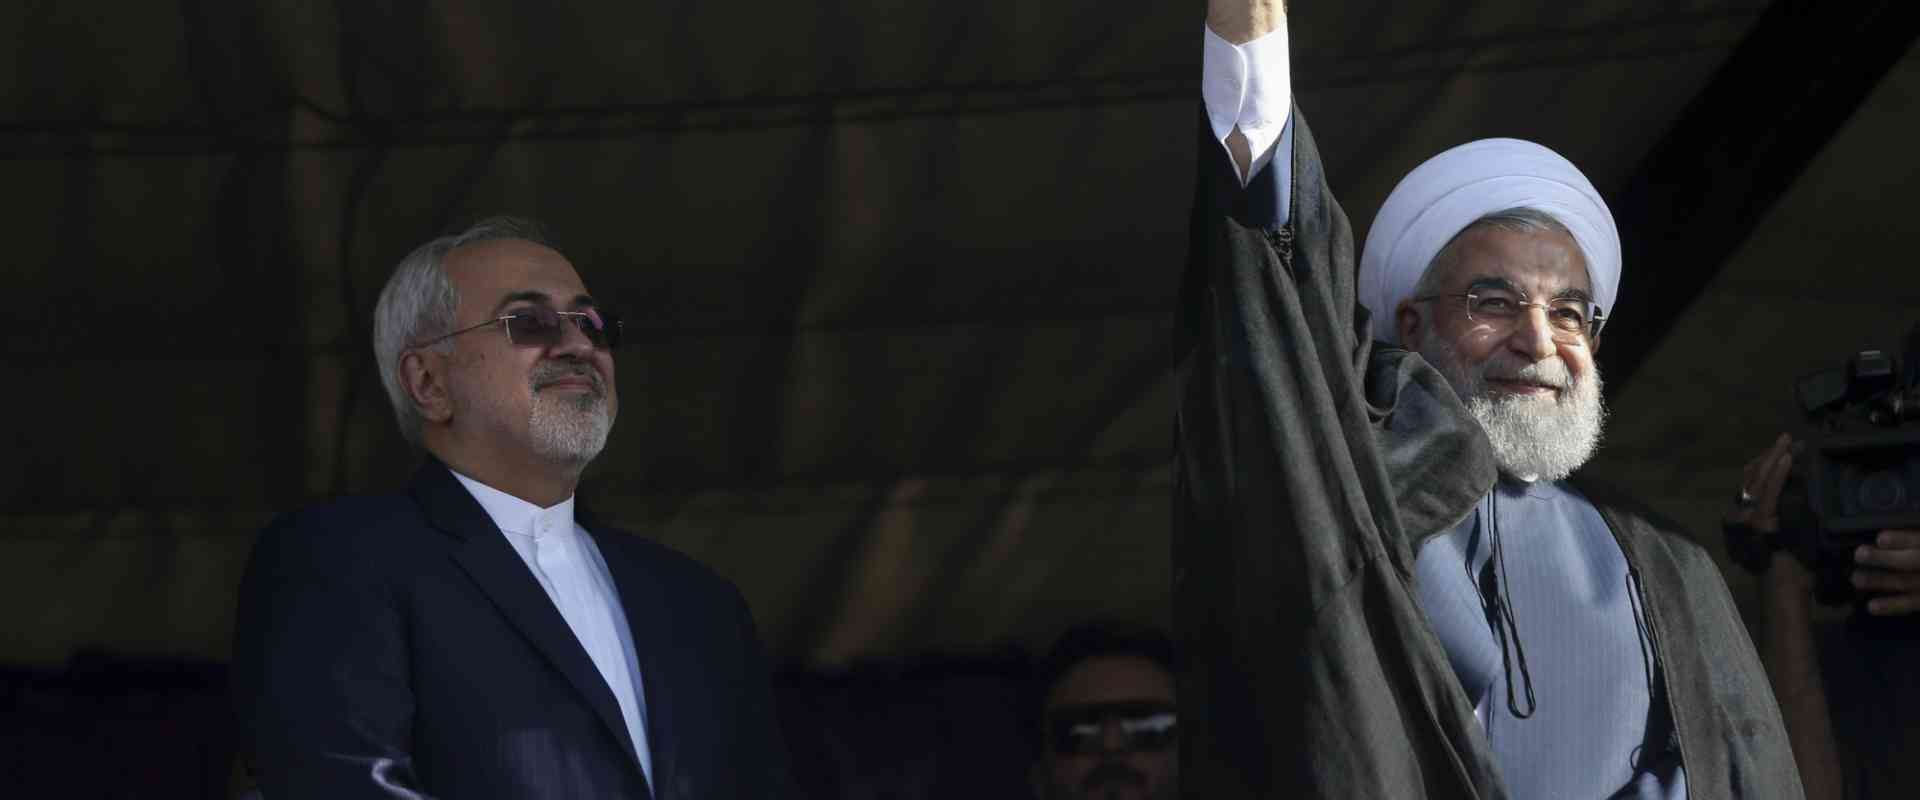 נשיא איראן רוחנאי ושר החוץ זריף